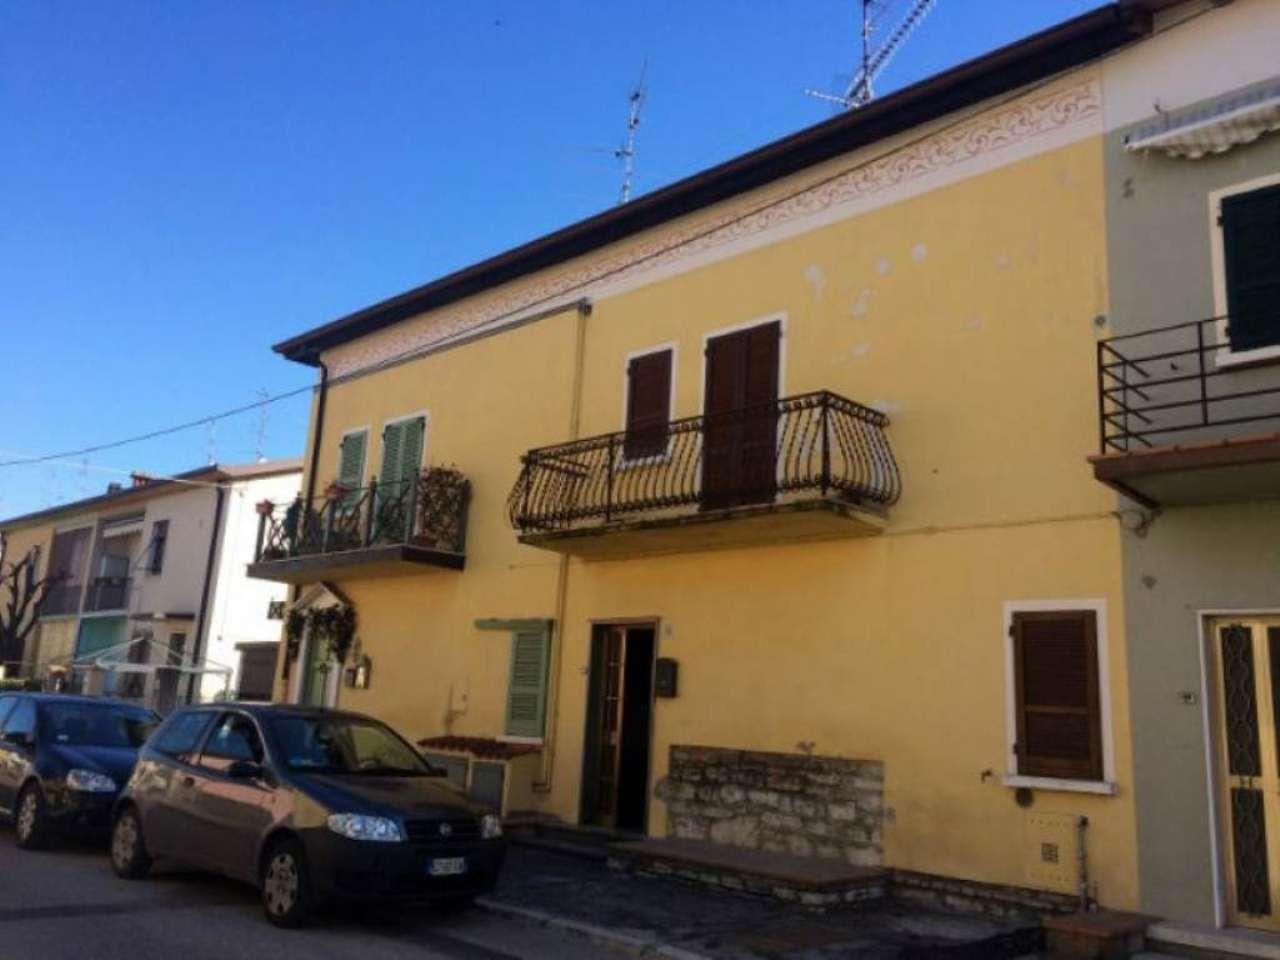 Soluzione Indipendente in vendita a Rezzato, 4 locali, prezzo € 100.000 | Cambio Casa.it